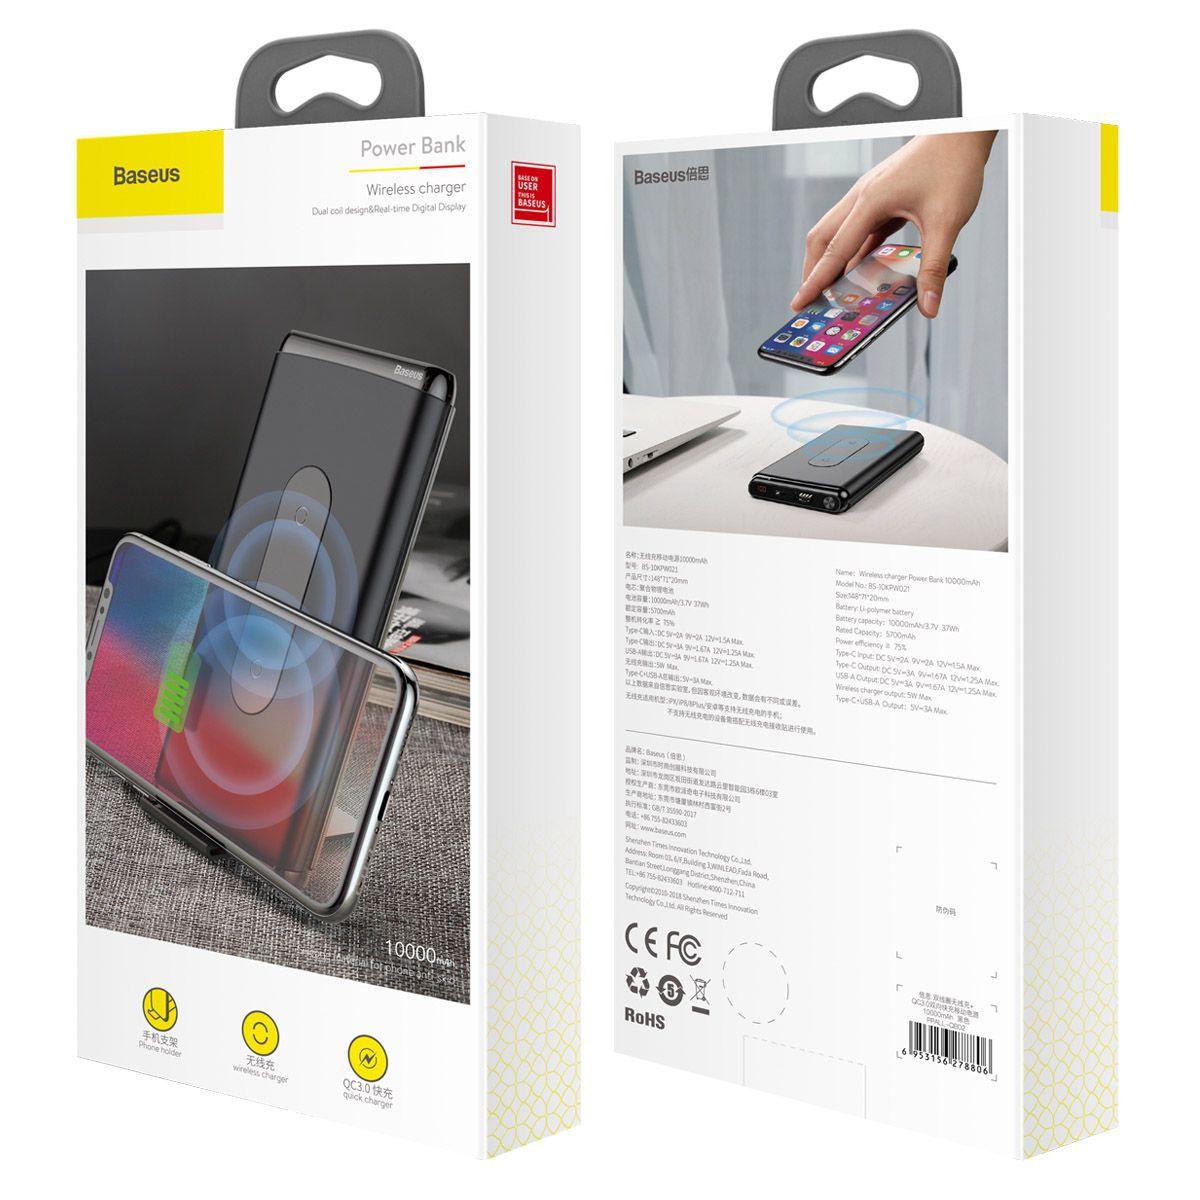 Carregador Portátil para Smartphones, PC e Mac com entrada USB-C e Carregamento Sem Fio Baseus 10000mAh